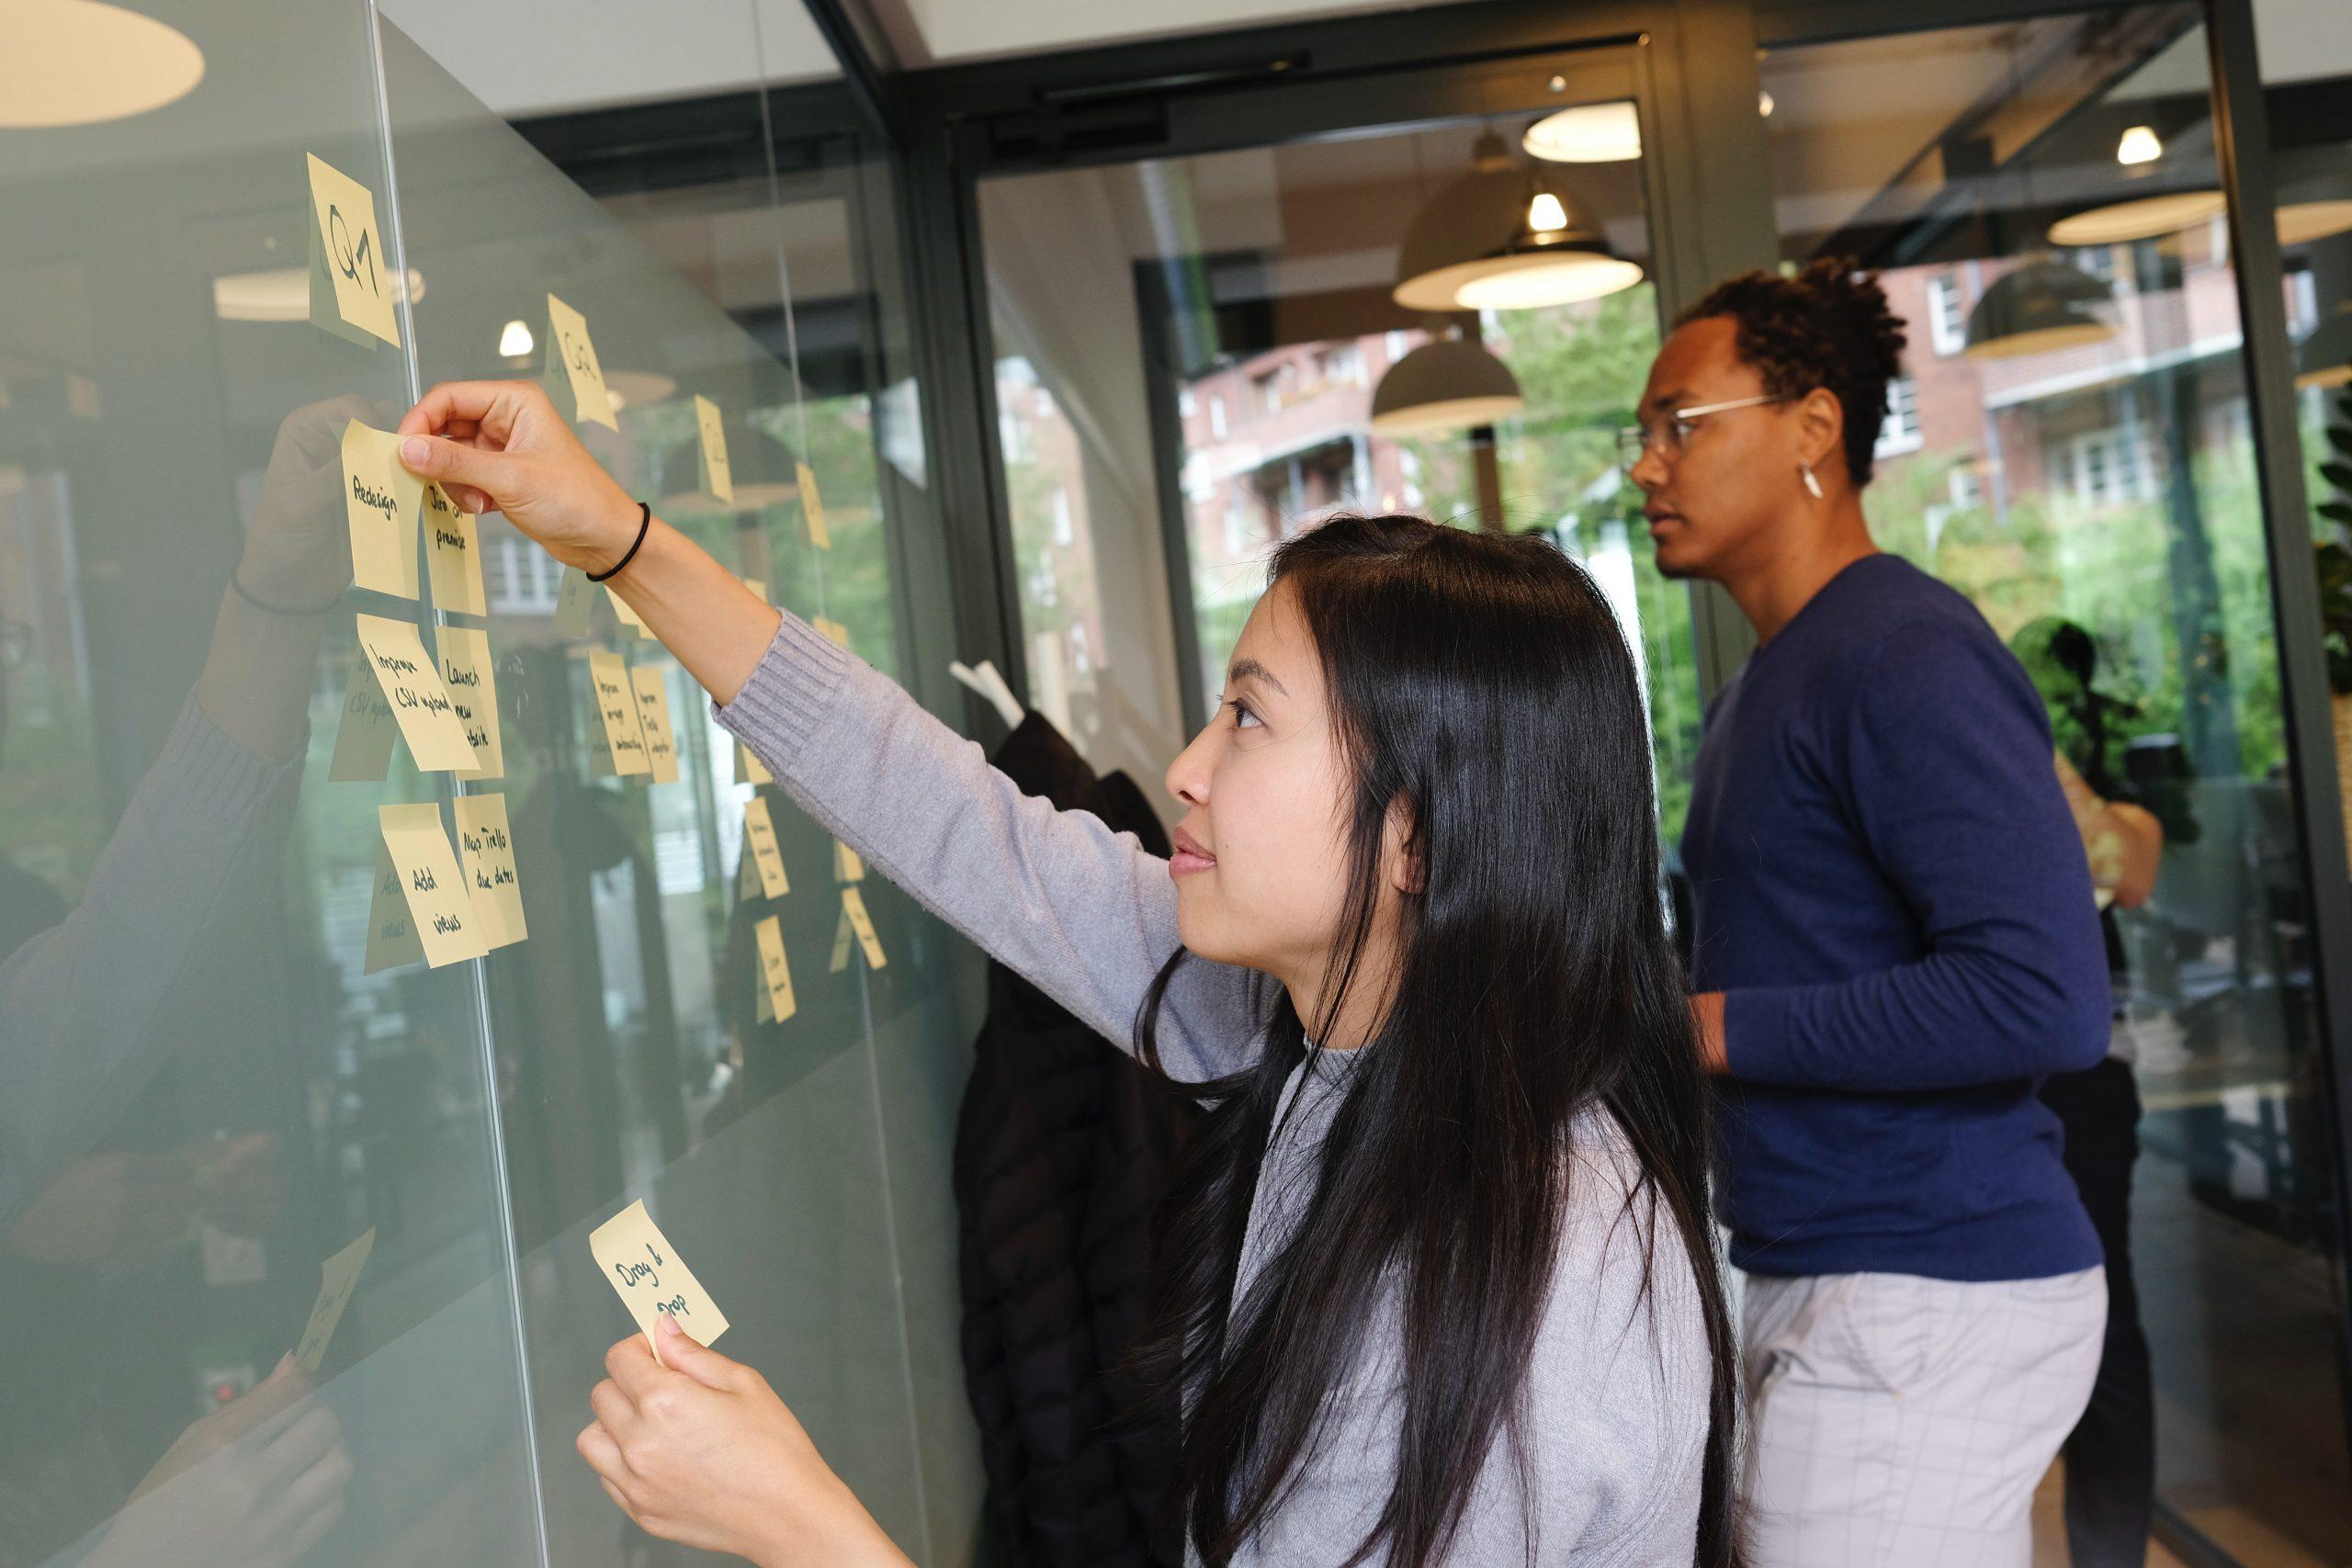 Le métier de Product Manager expliqué par Emilie GIELER (VP Plateform & UX) et Thomas LETSCHER (PM Akeneo Connectors)